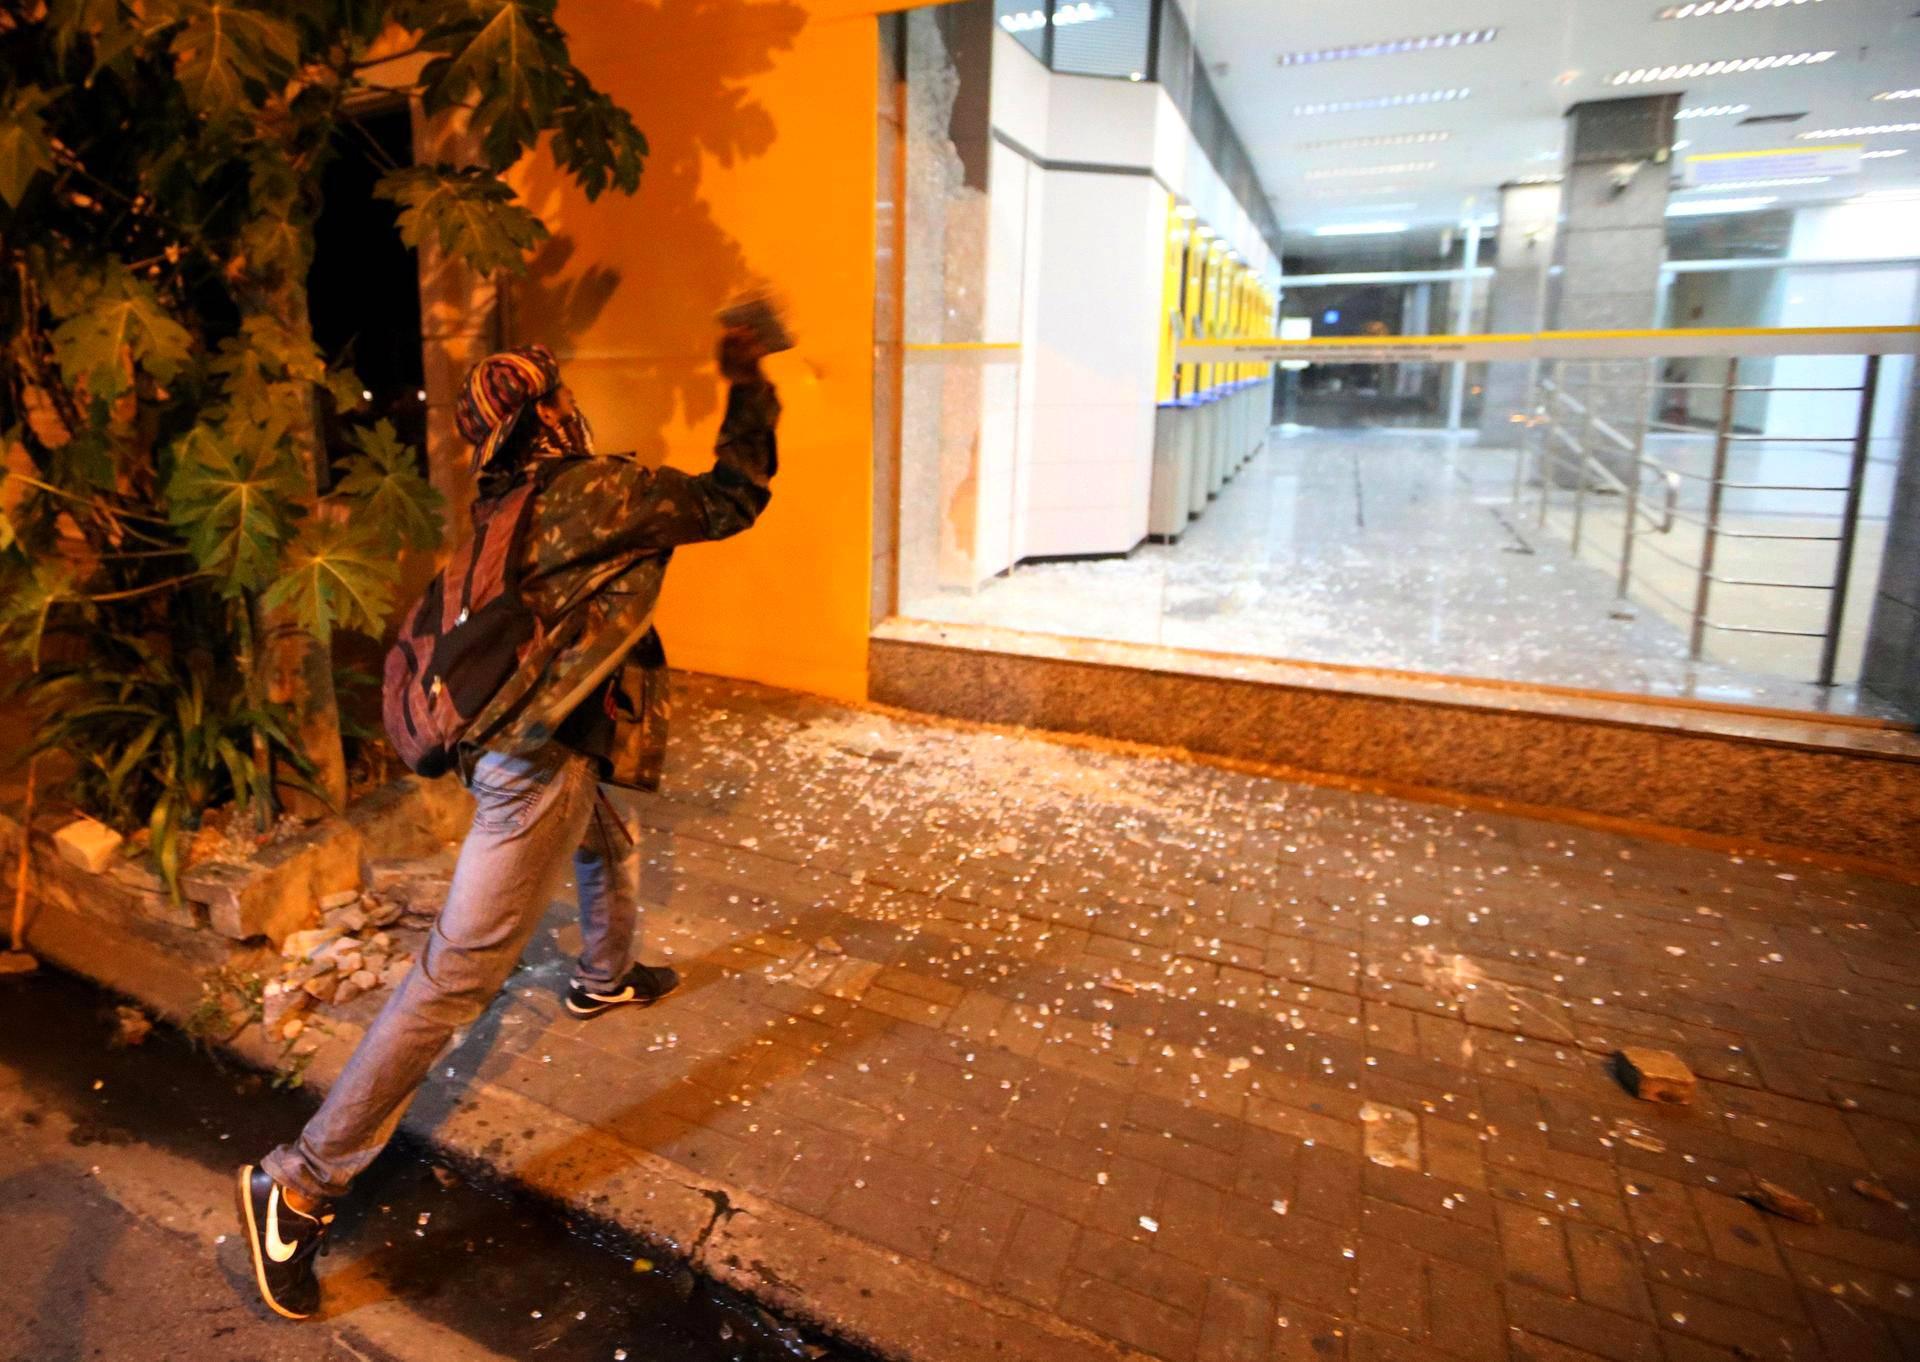 Mielenosoittaja heittää kiven pankin ikkunaan São Paulossa. Bussi- ja metrolippujen hintoihin suunnitellut korotukset ovat aiheuttaneet väkivaltaisia protesteja Brasiliassa.